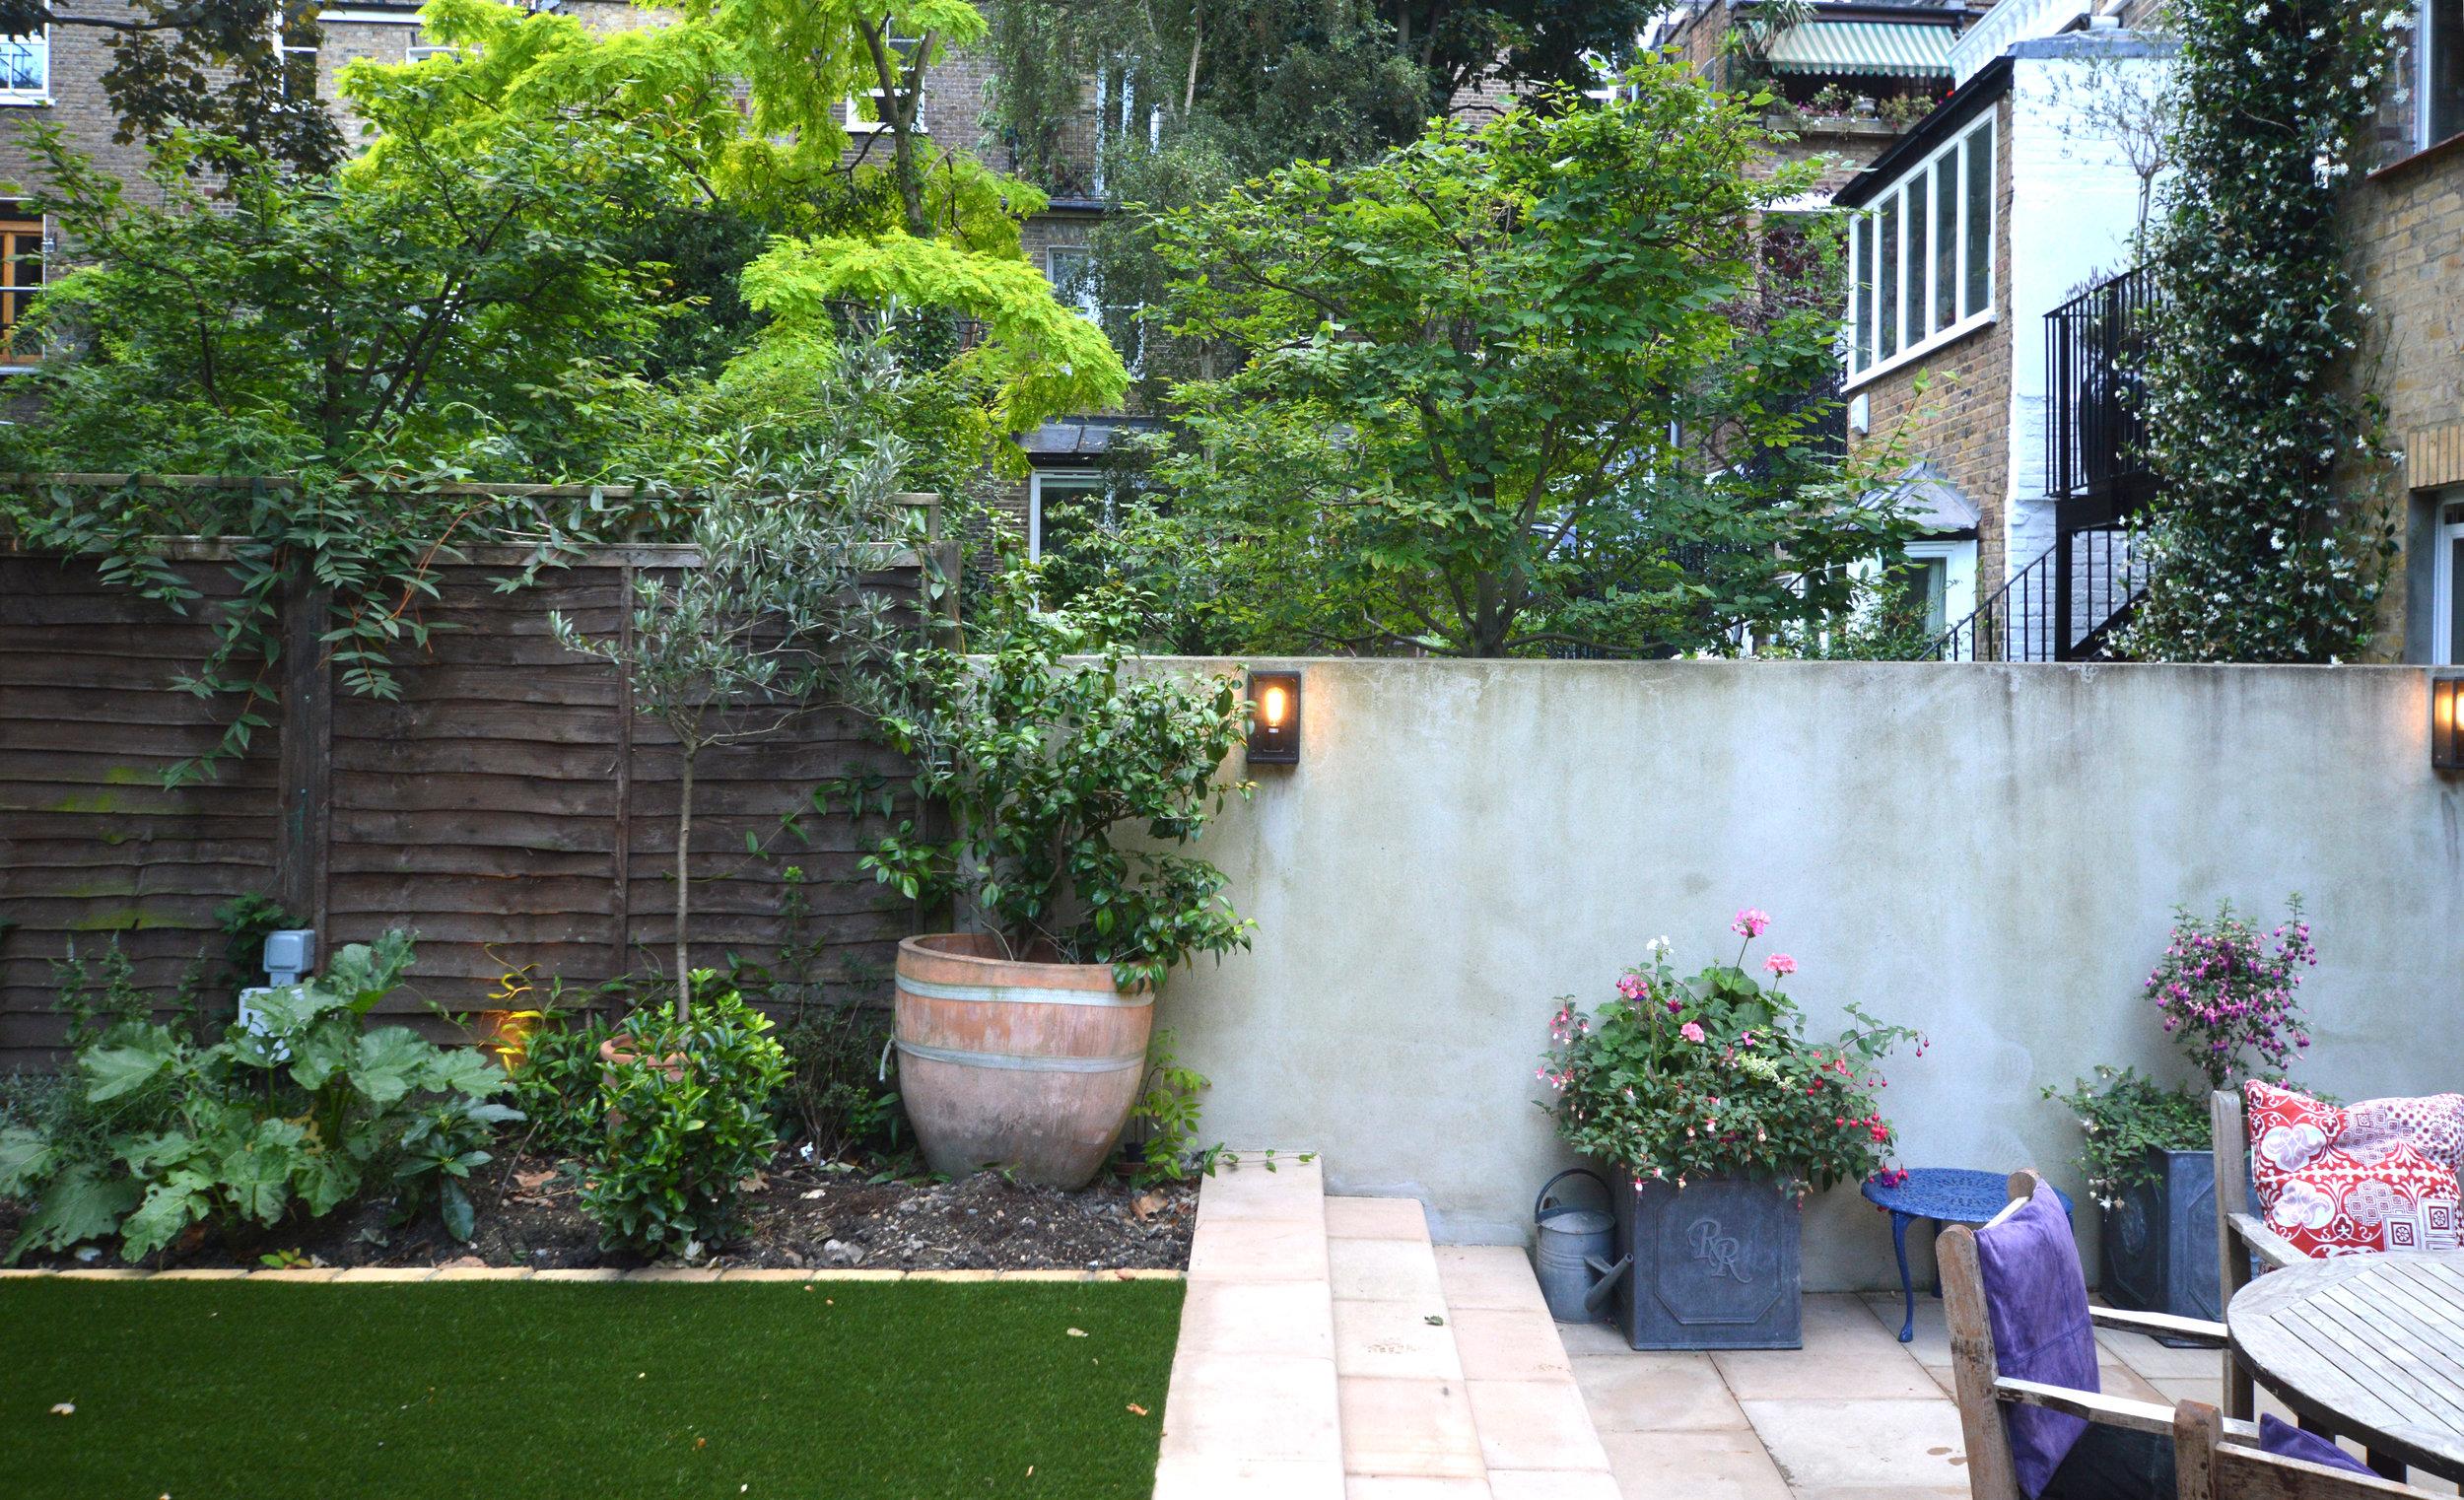 New garden works